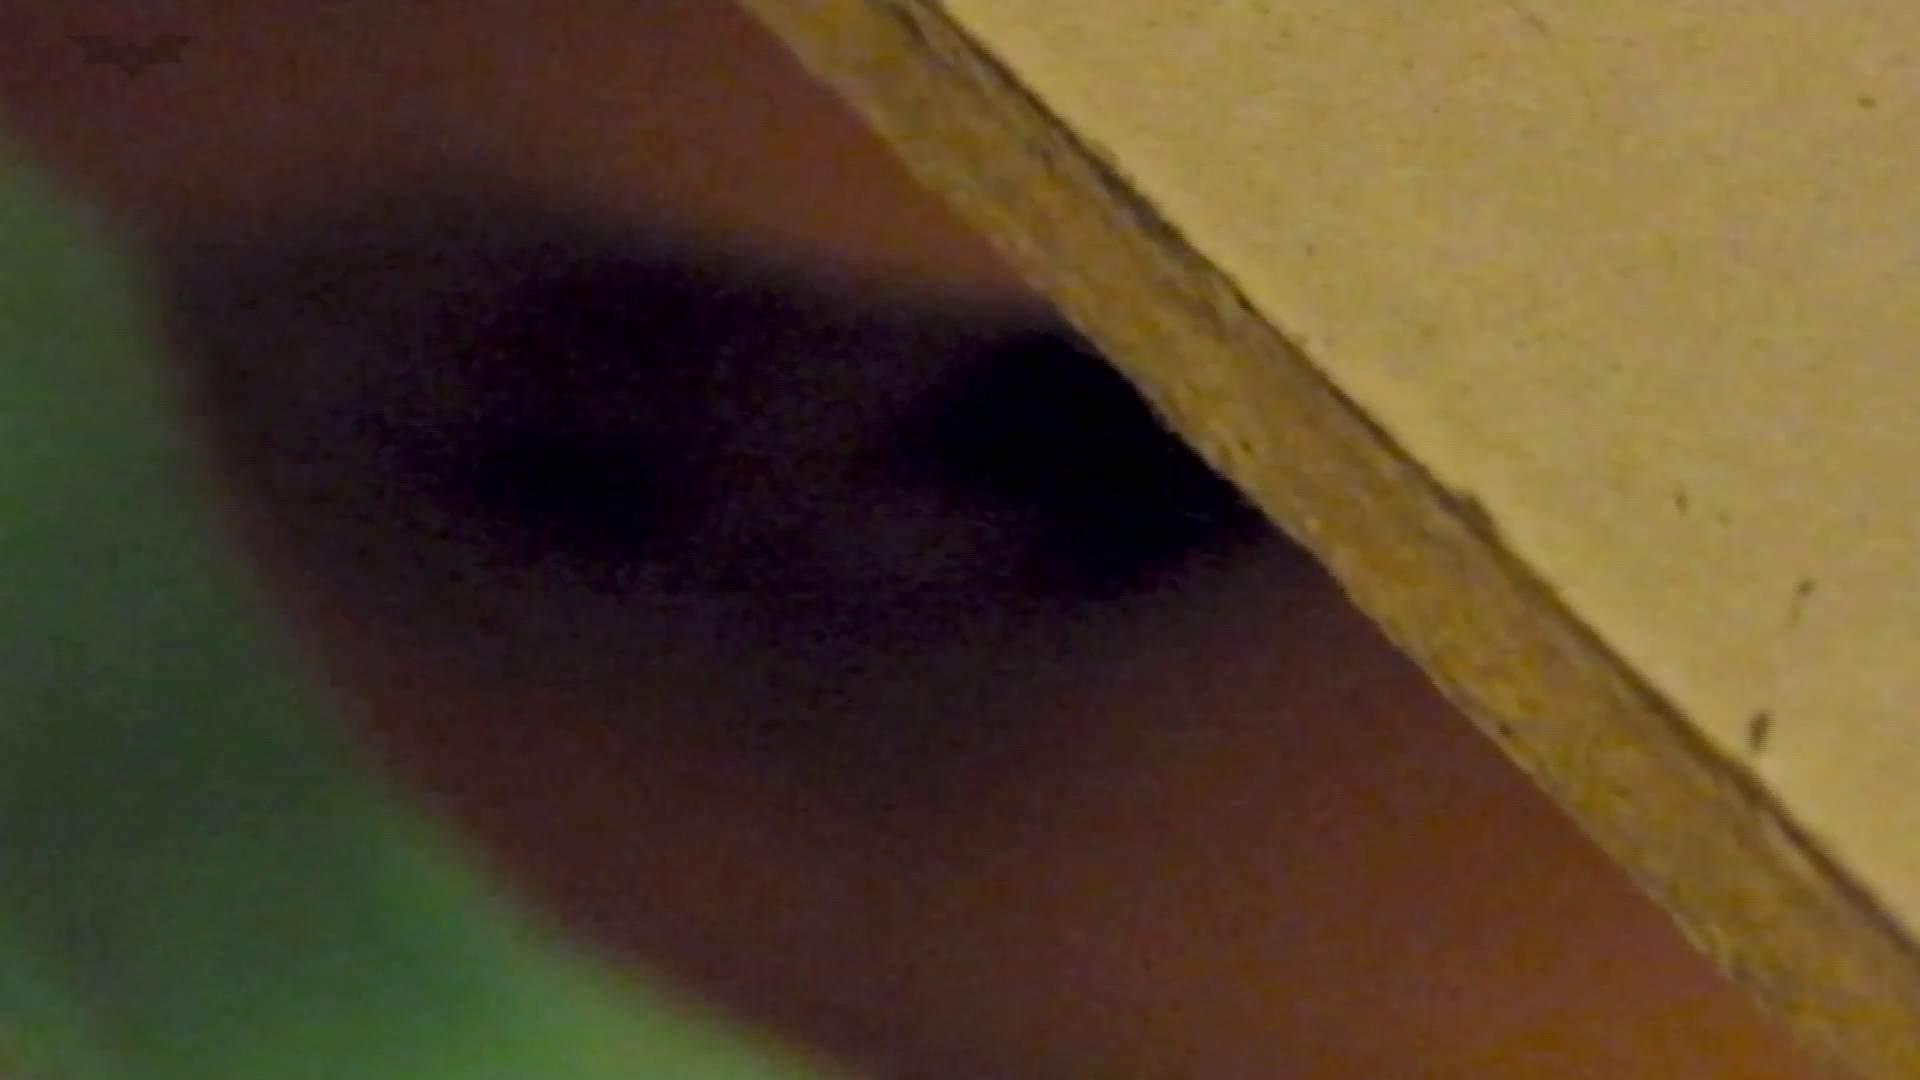 新世界の射窓 No78 トリンドル 玲奈似登場シリーズ美女率最高作! 美女  109pic 84